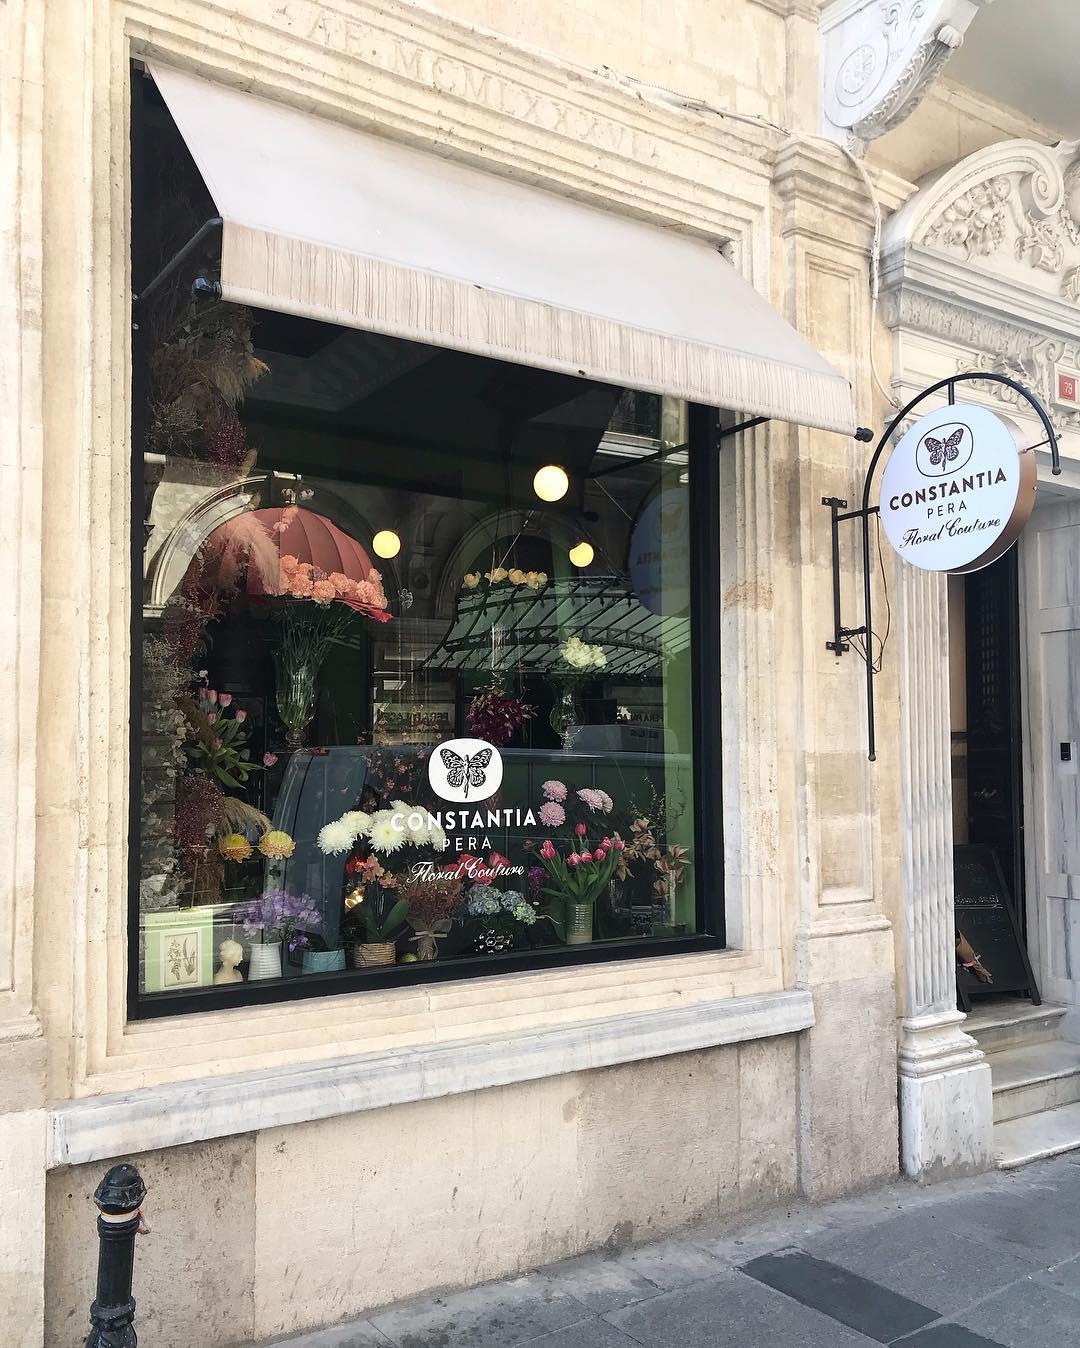 İstanbul'un Yaratıcı Çiçek Dükkanları ve Botanik Kafeleri | Constantia Pera